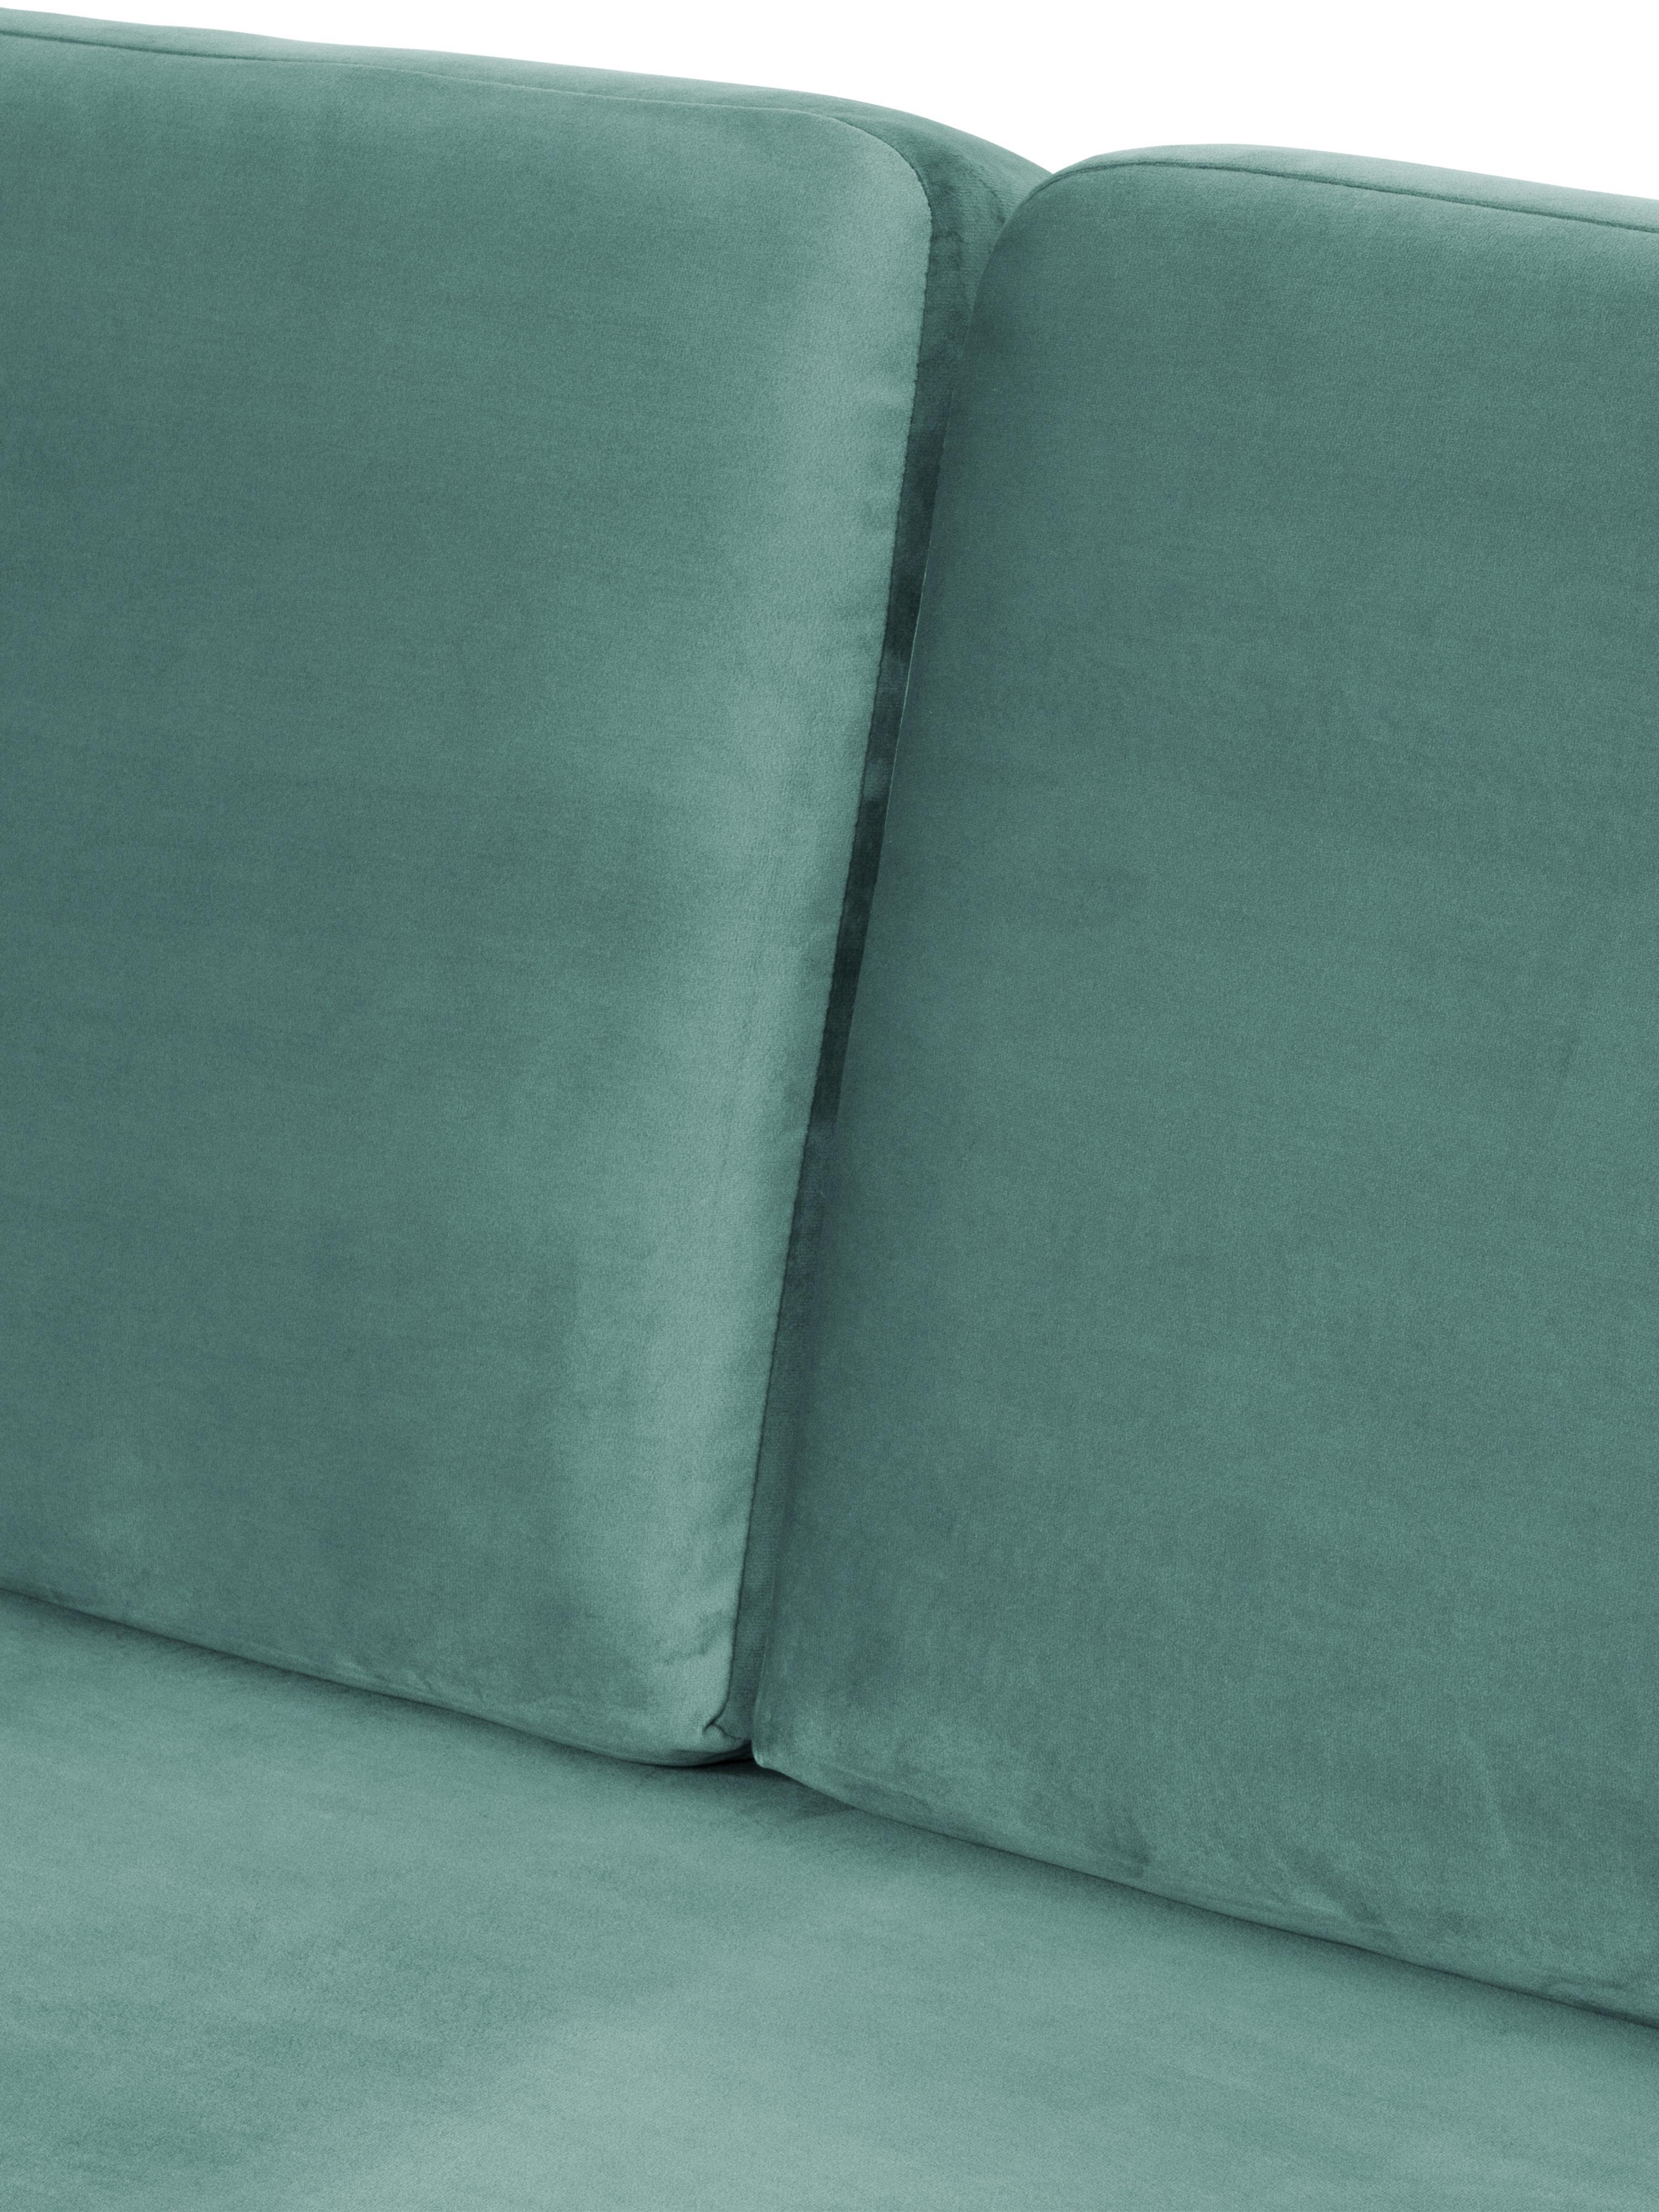 Canapé d'angle velours vert clair Fluente, Velours vert clair